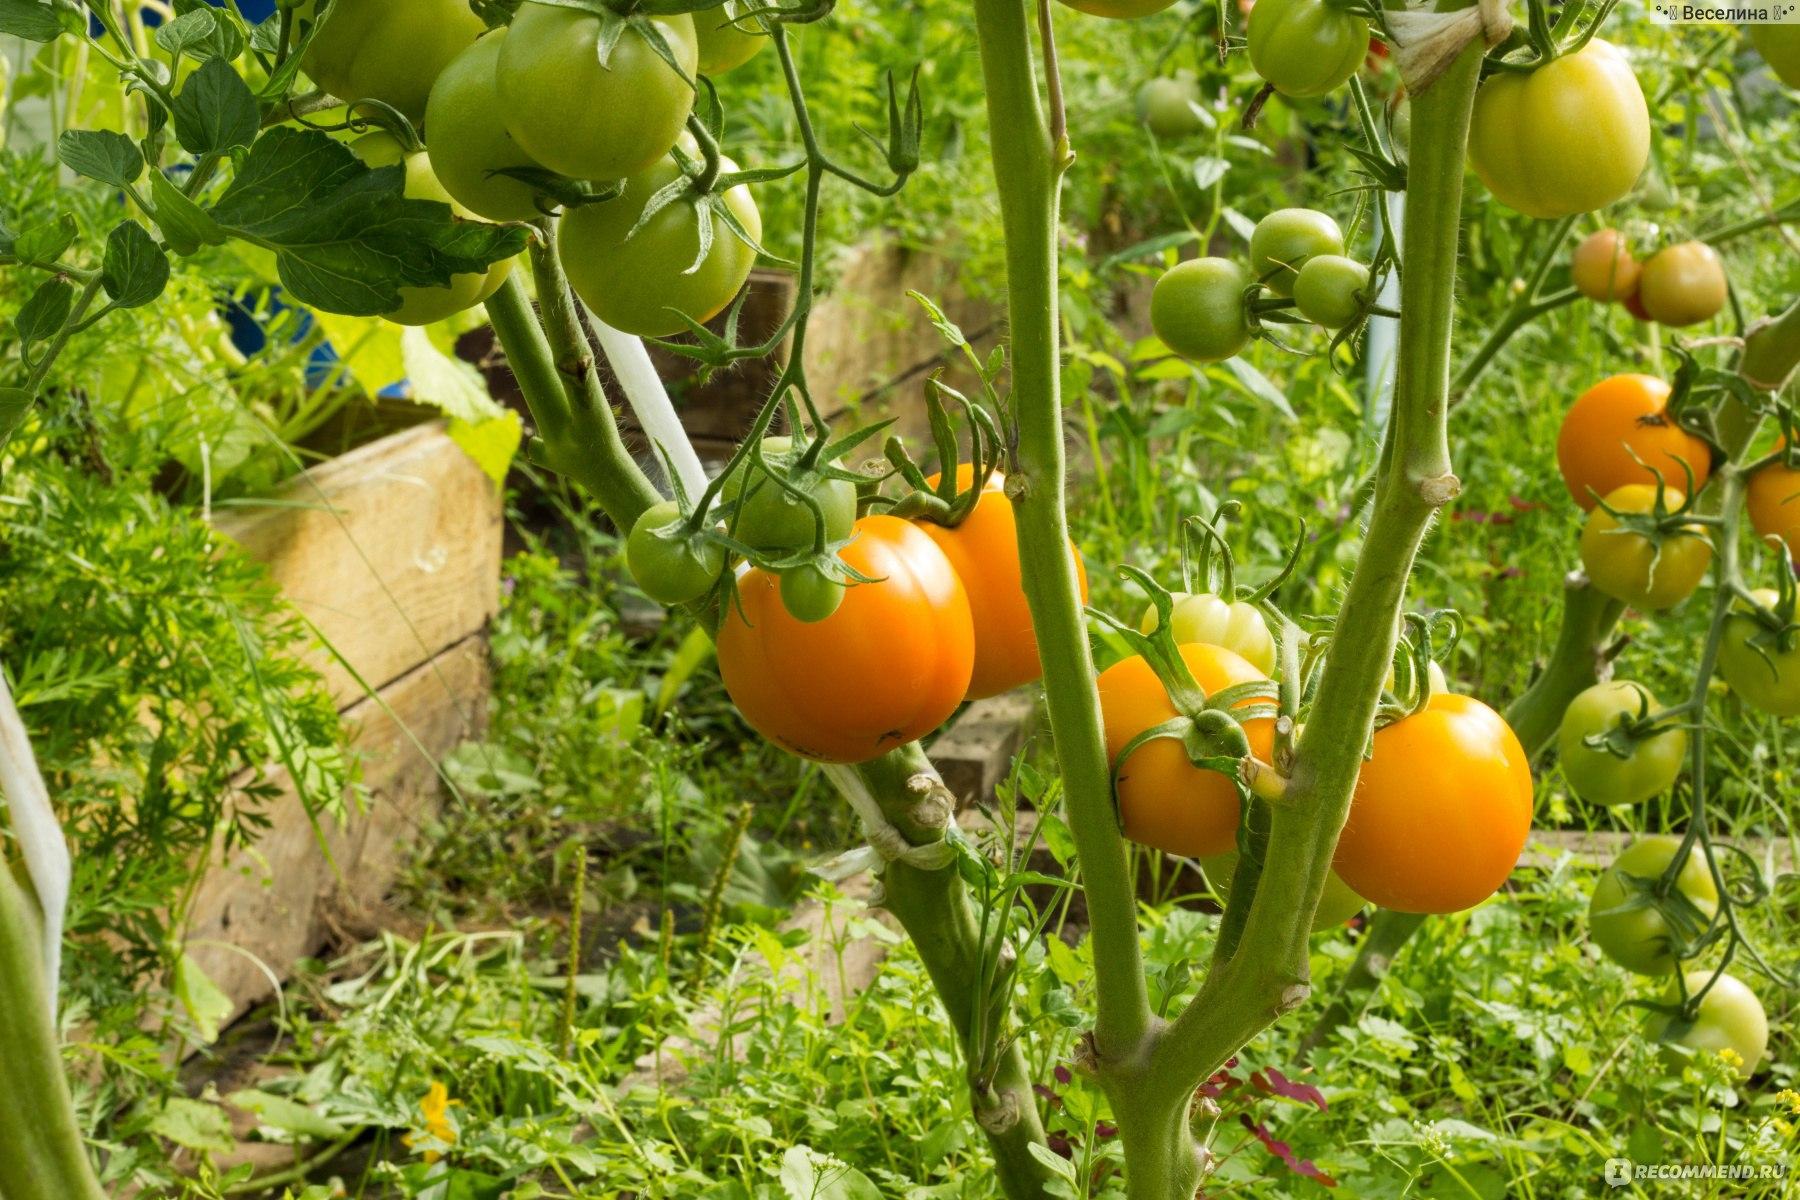 Томат цифомандра: отзывы, фото, урожайность, характеристика сорта, описание плодов